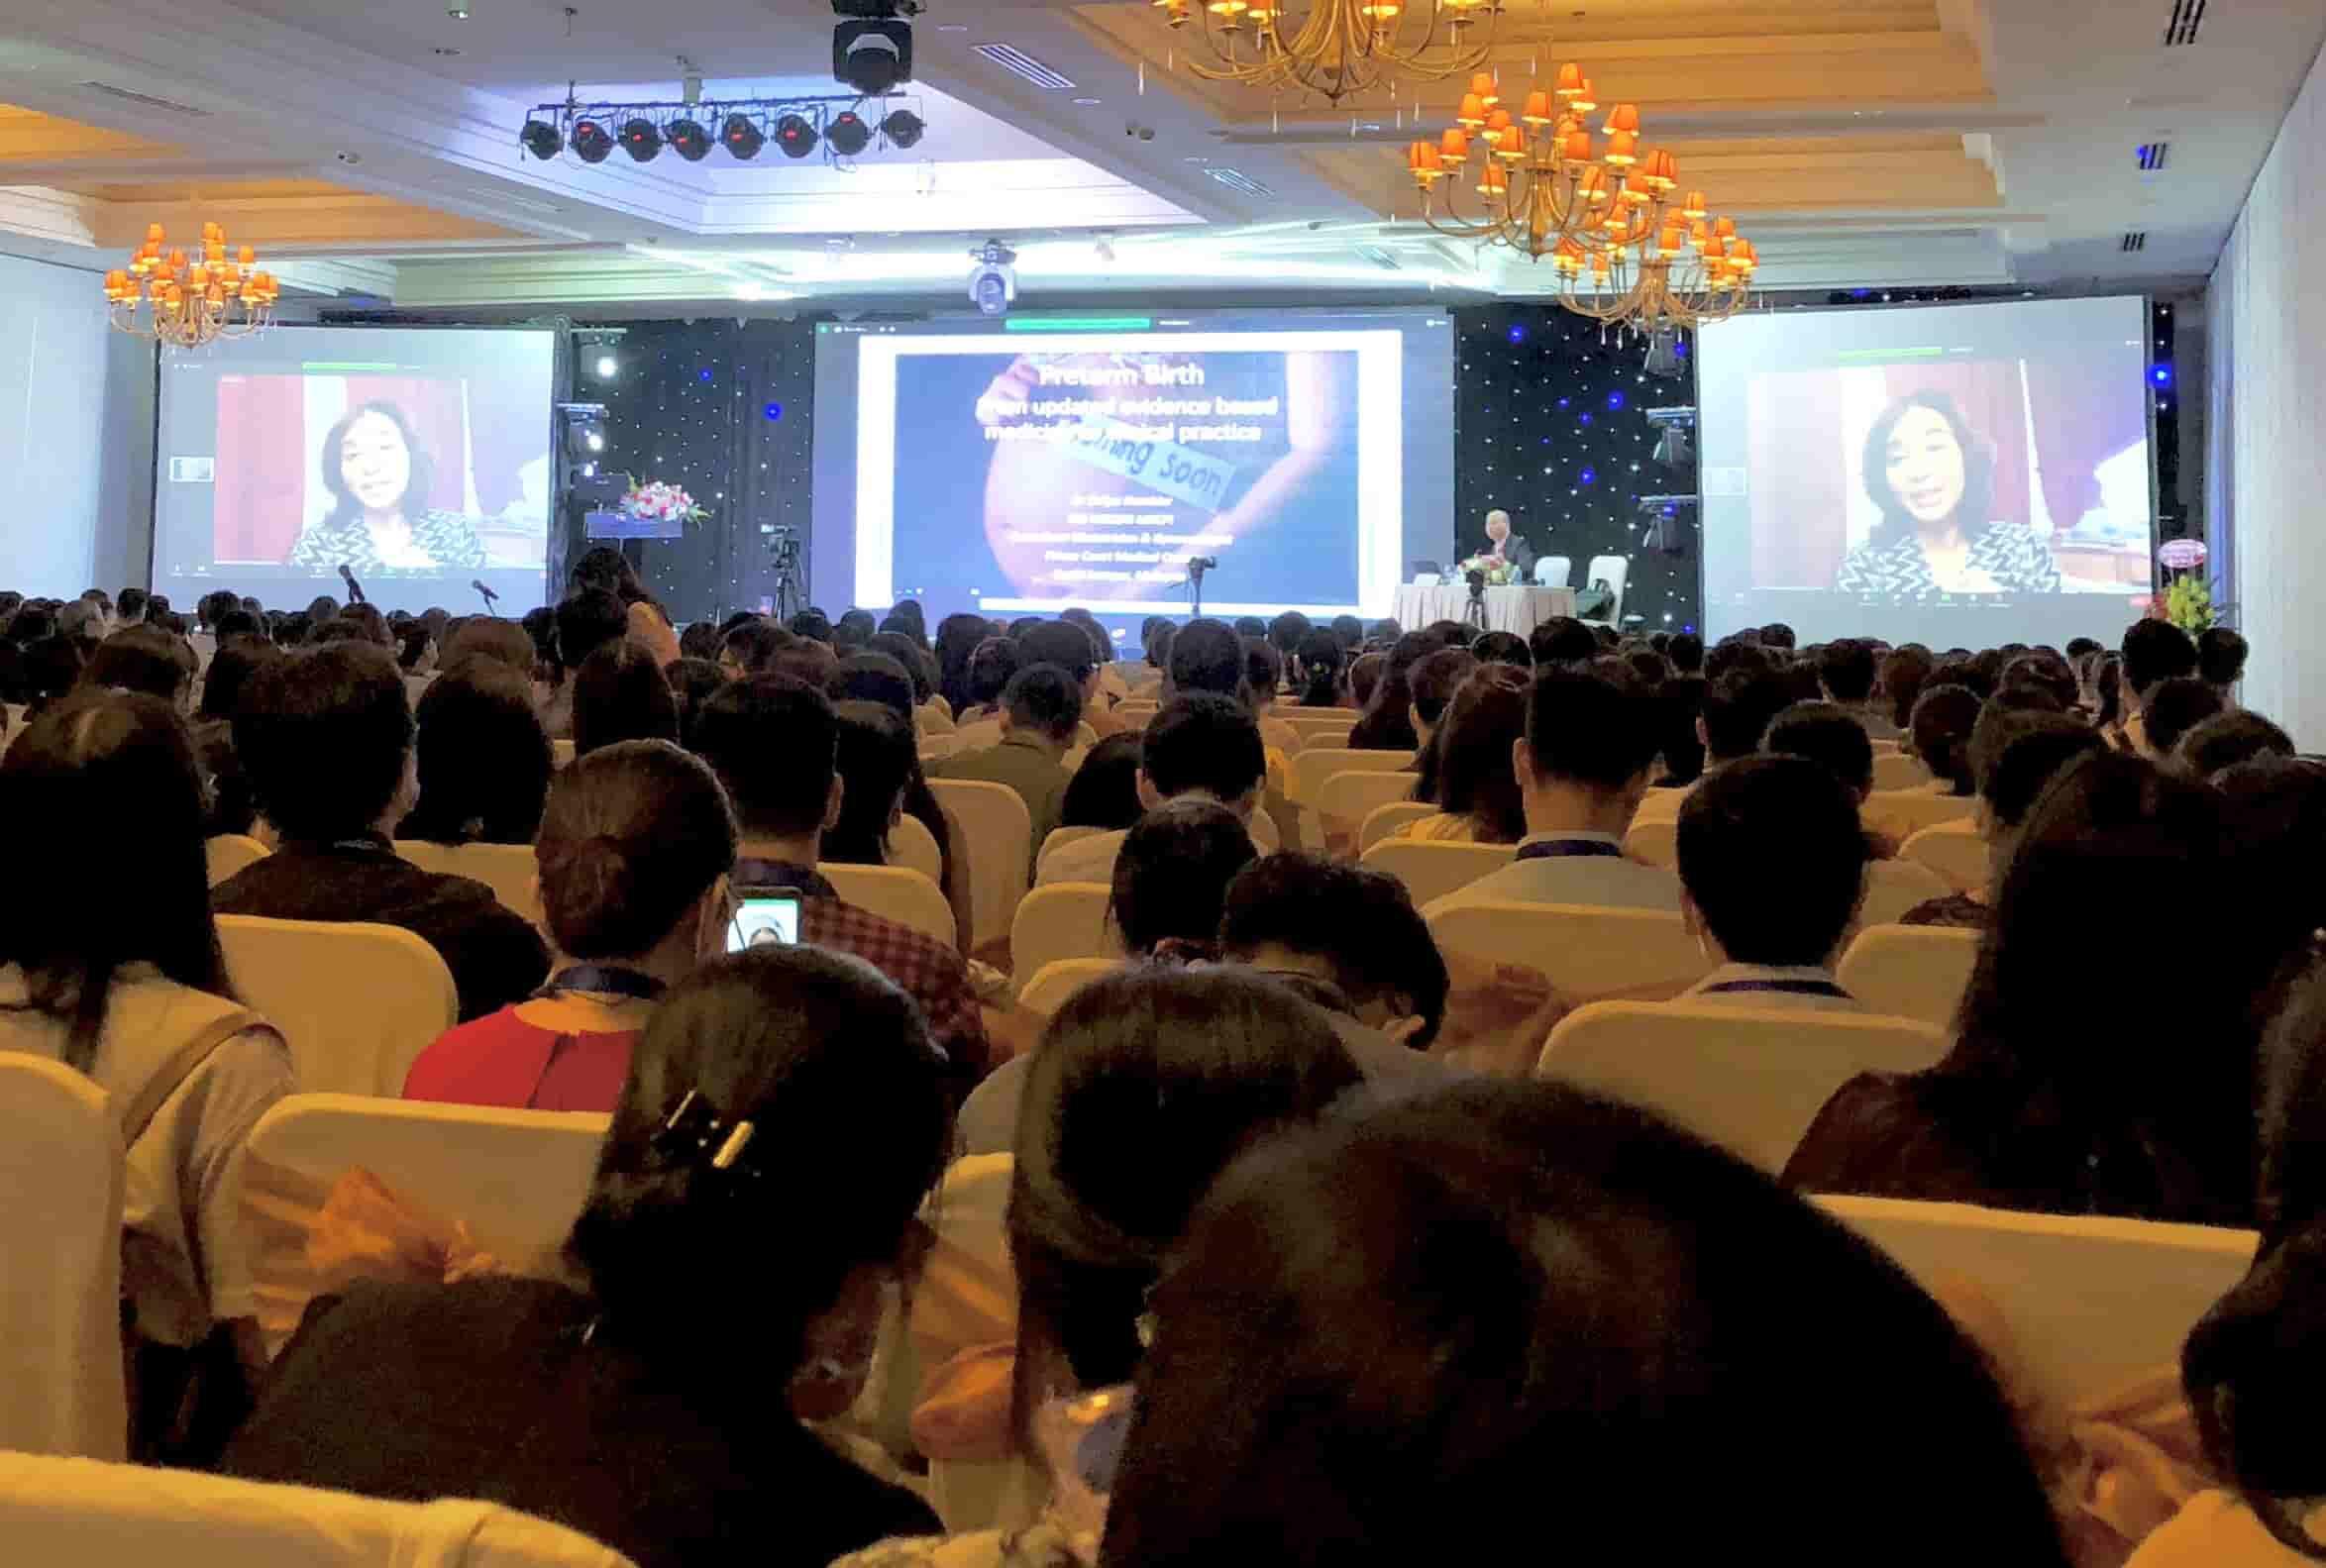 Hội nghị Sản Phụ khoa Việt - Pháp - Châu Á Thái Bình Dương lần thứ 20 2